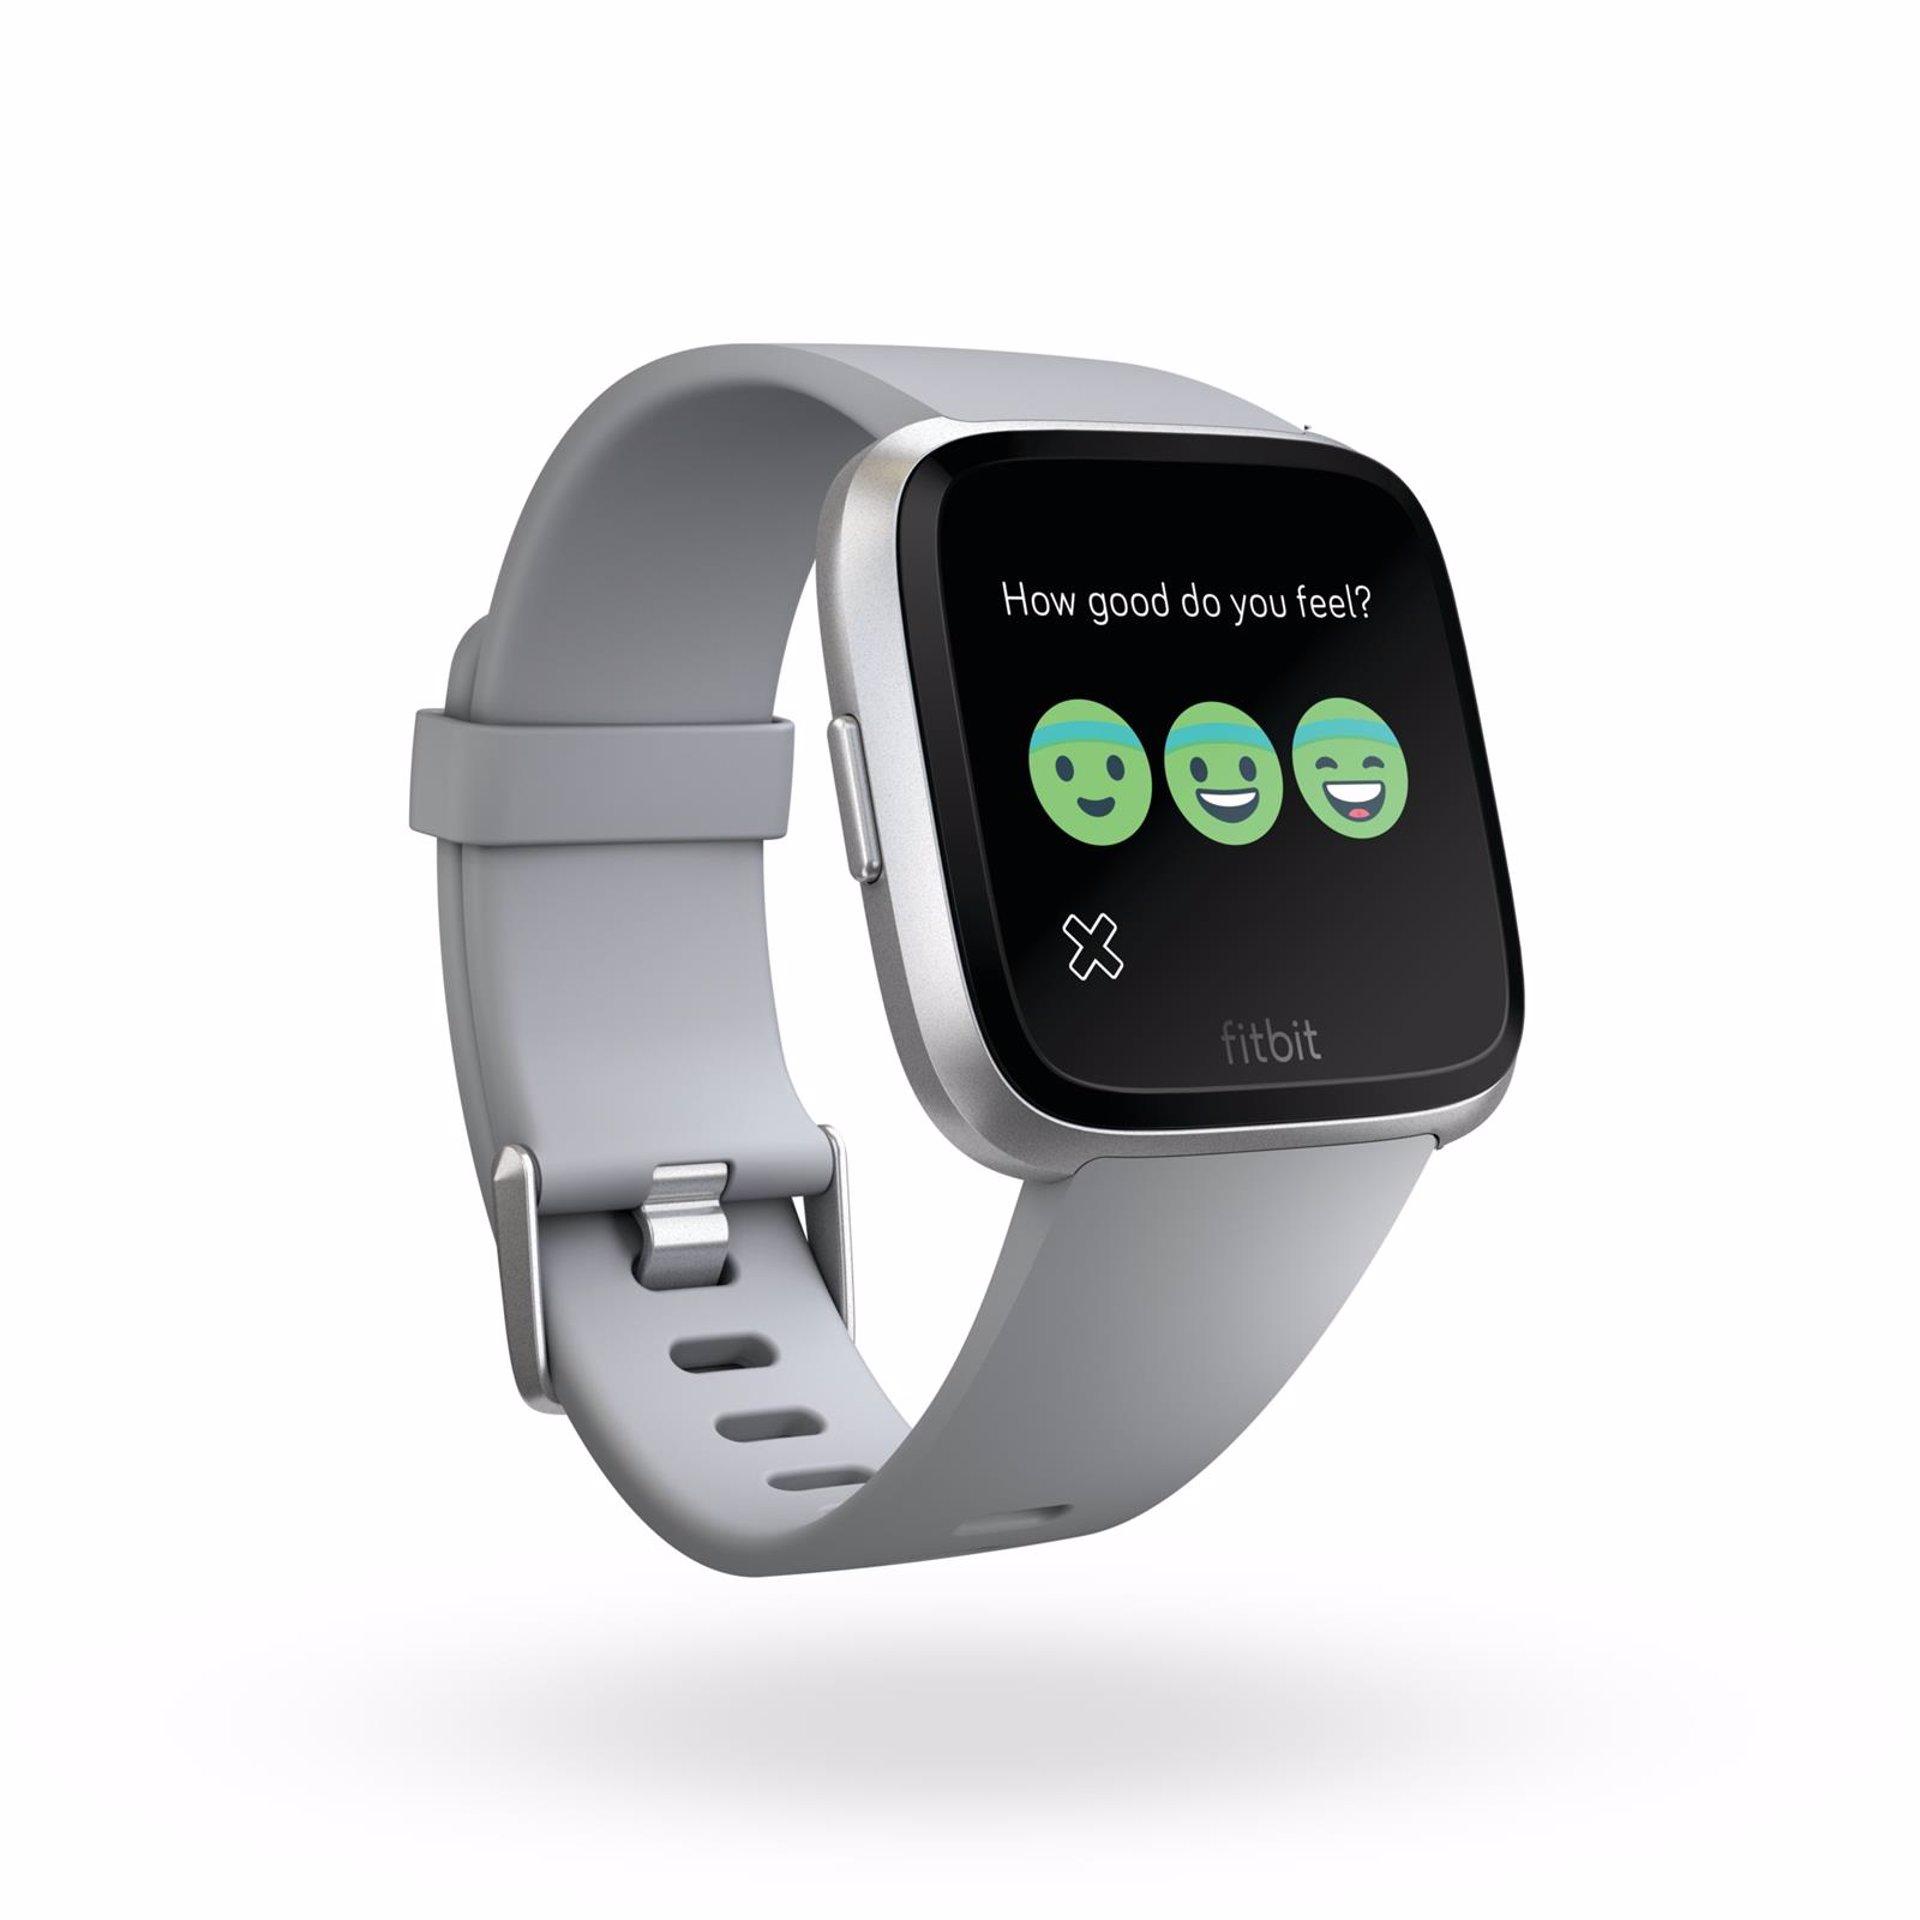 81cd3b2e4 Fitbit presenta su reloj 'inteligente' Versa, pensado en los padres  primerizos y la mujer